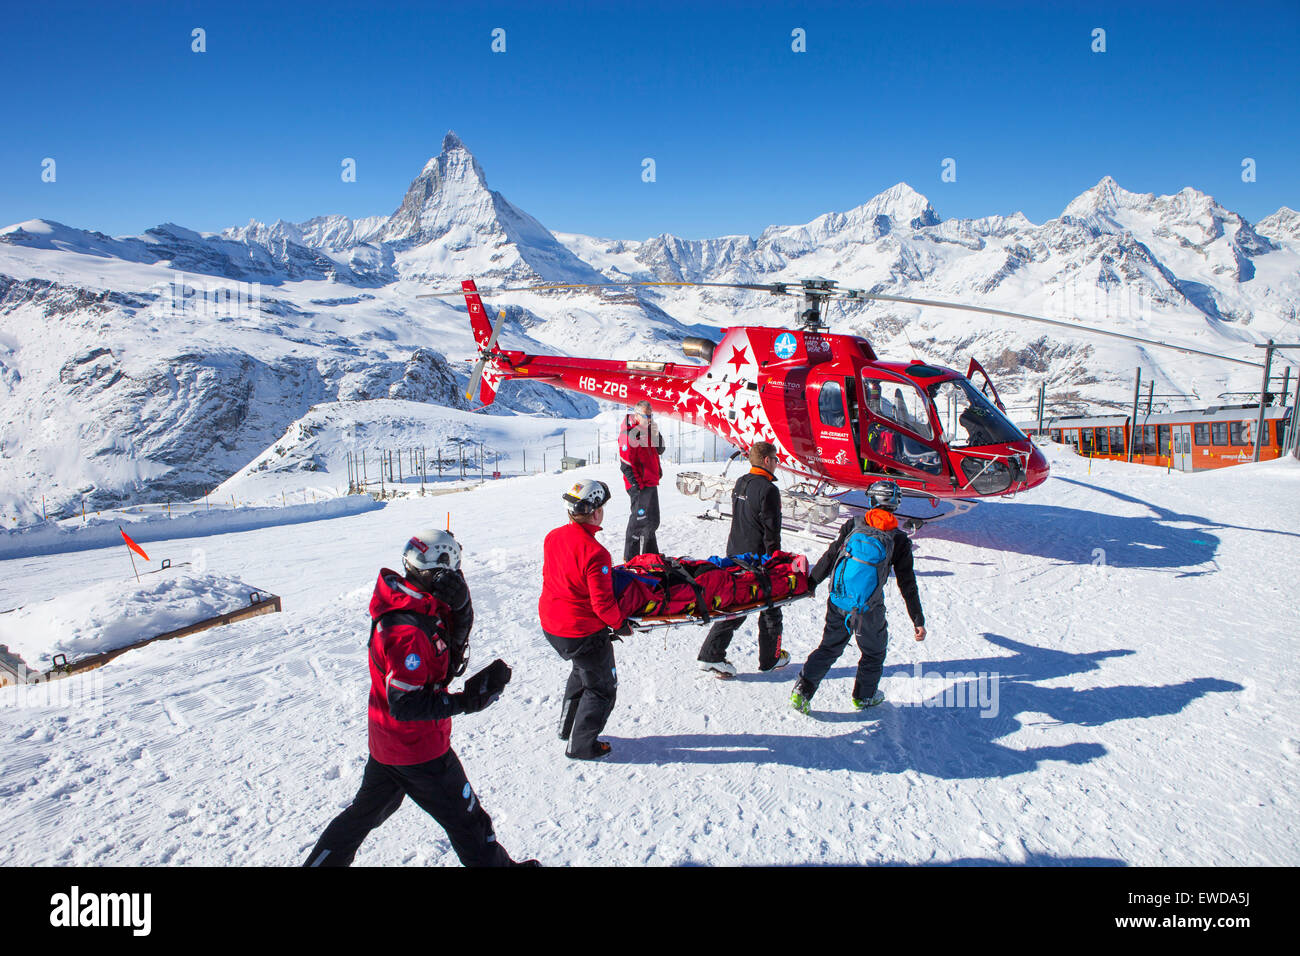 Le personnel de sauvetage sont porteurs d'un skieur blessé à un hélicoptère d'Air Zermatt Photo Stock